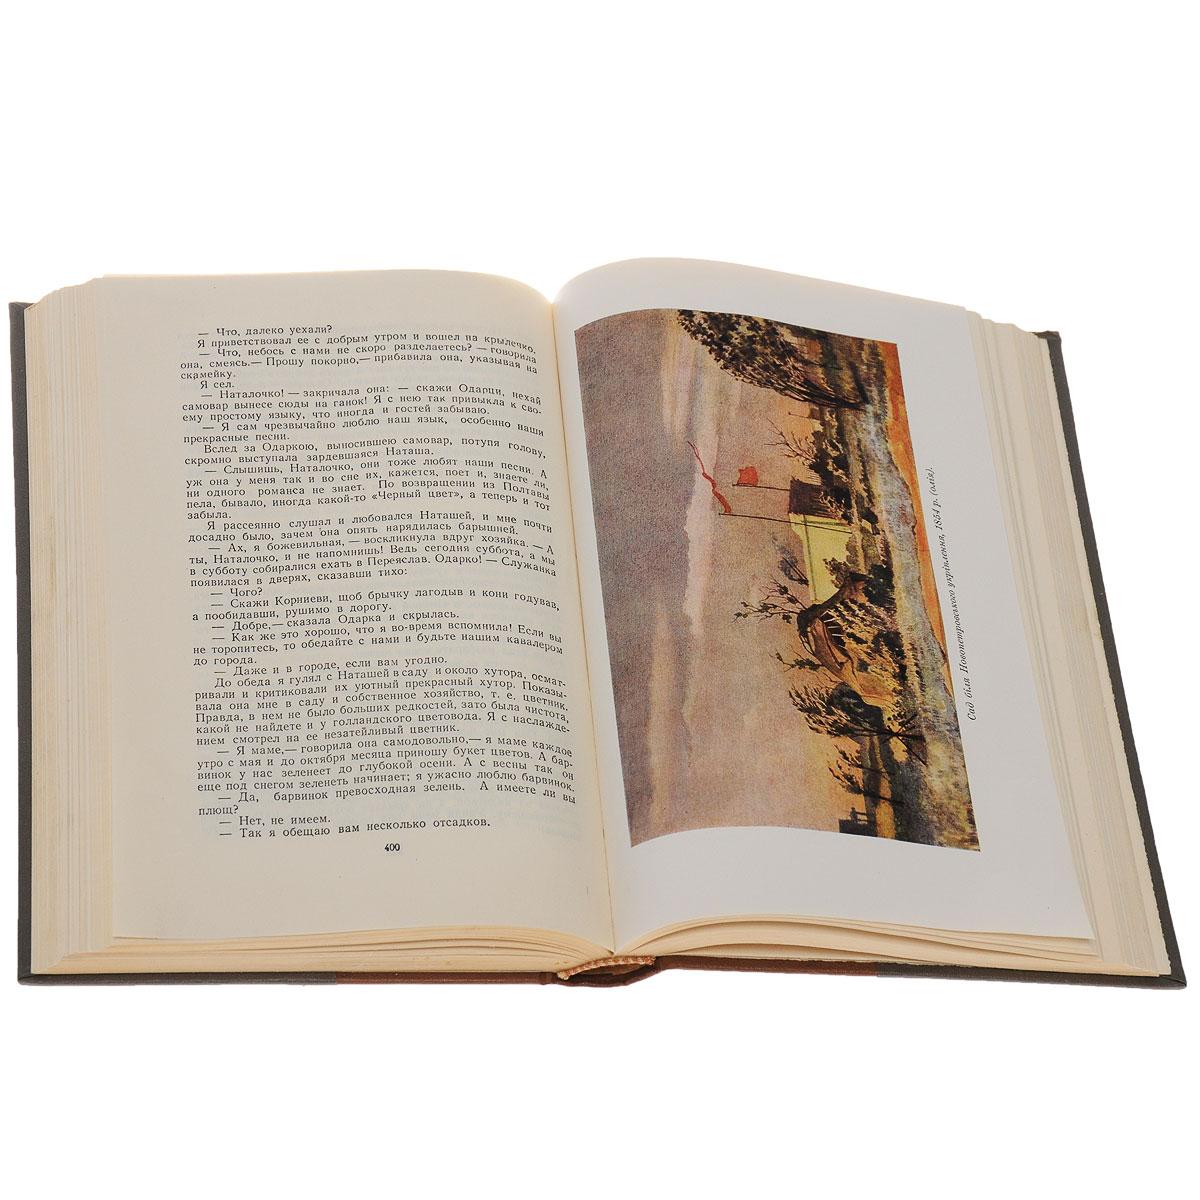 Тарас Шевченко.  Полное собрание сочинений в 3 томах (комплект из 3 книг) Настоящий комплект включает три тома произведений великого...